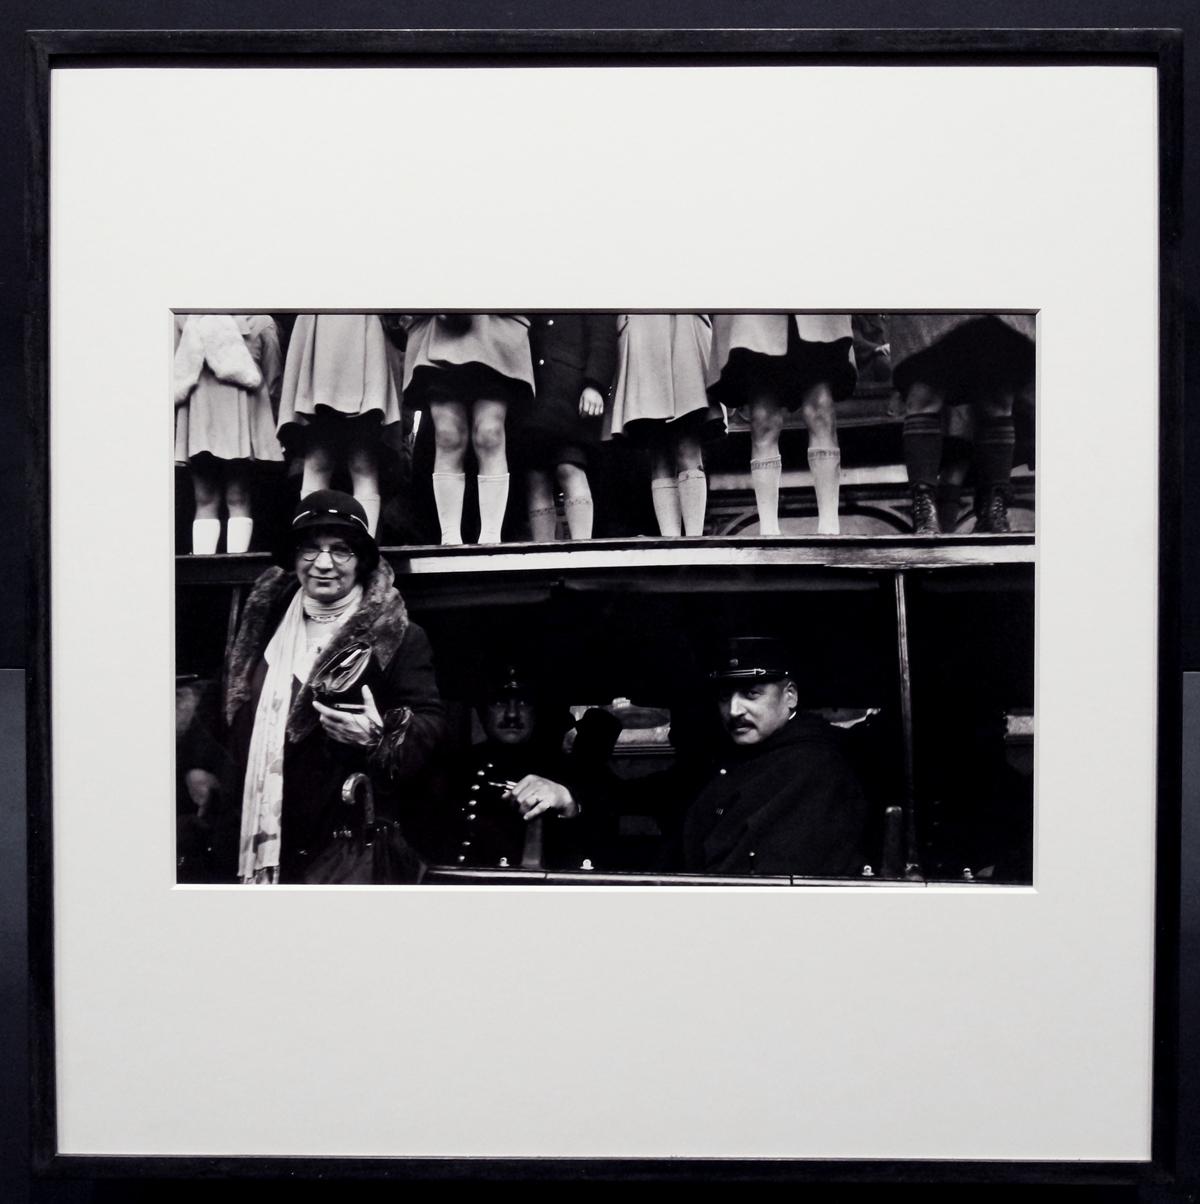 Photographie Jour de défilé à la Bastille 15 juillet 1936 by Henri Cartier-Bresson photographe exposition Paris Magnum agence Hôtel de ville